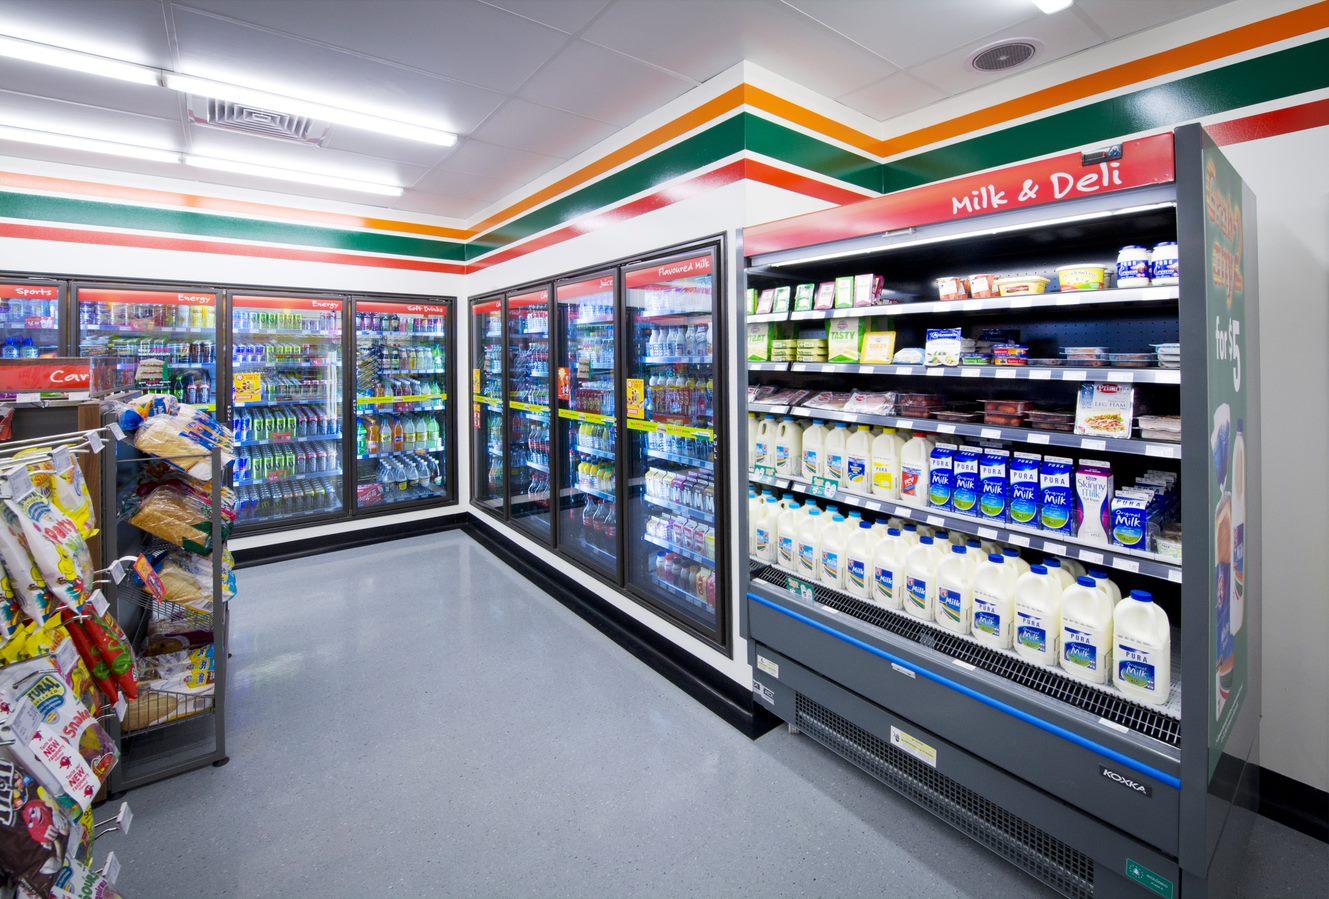 7-Eleven Convenience Store - Zillmere